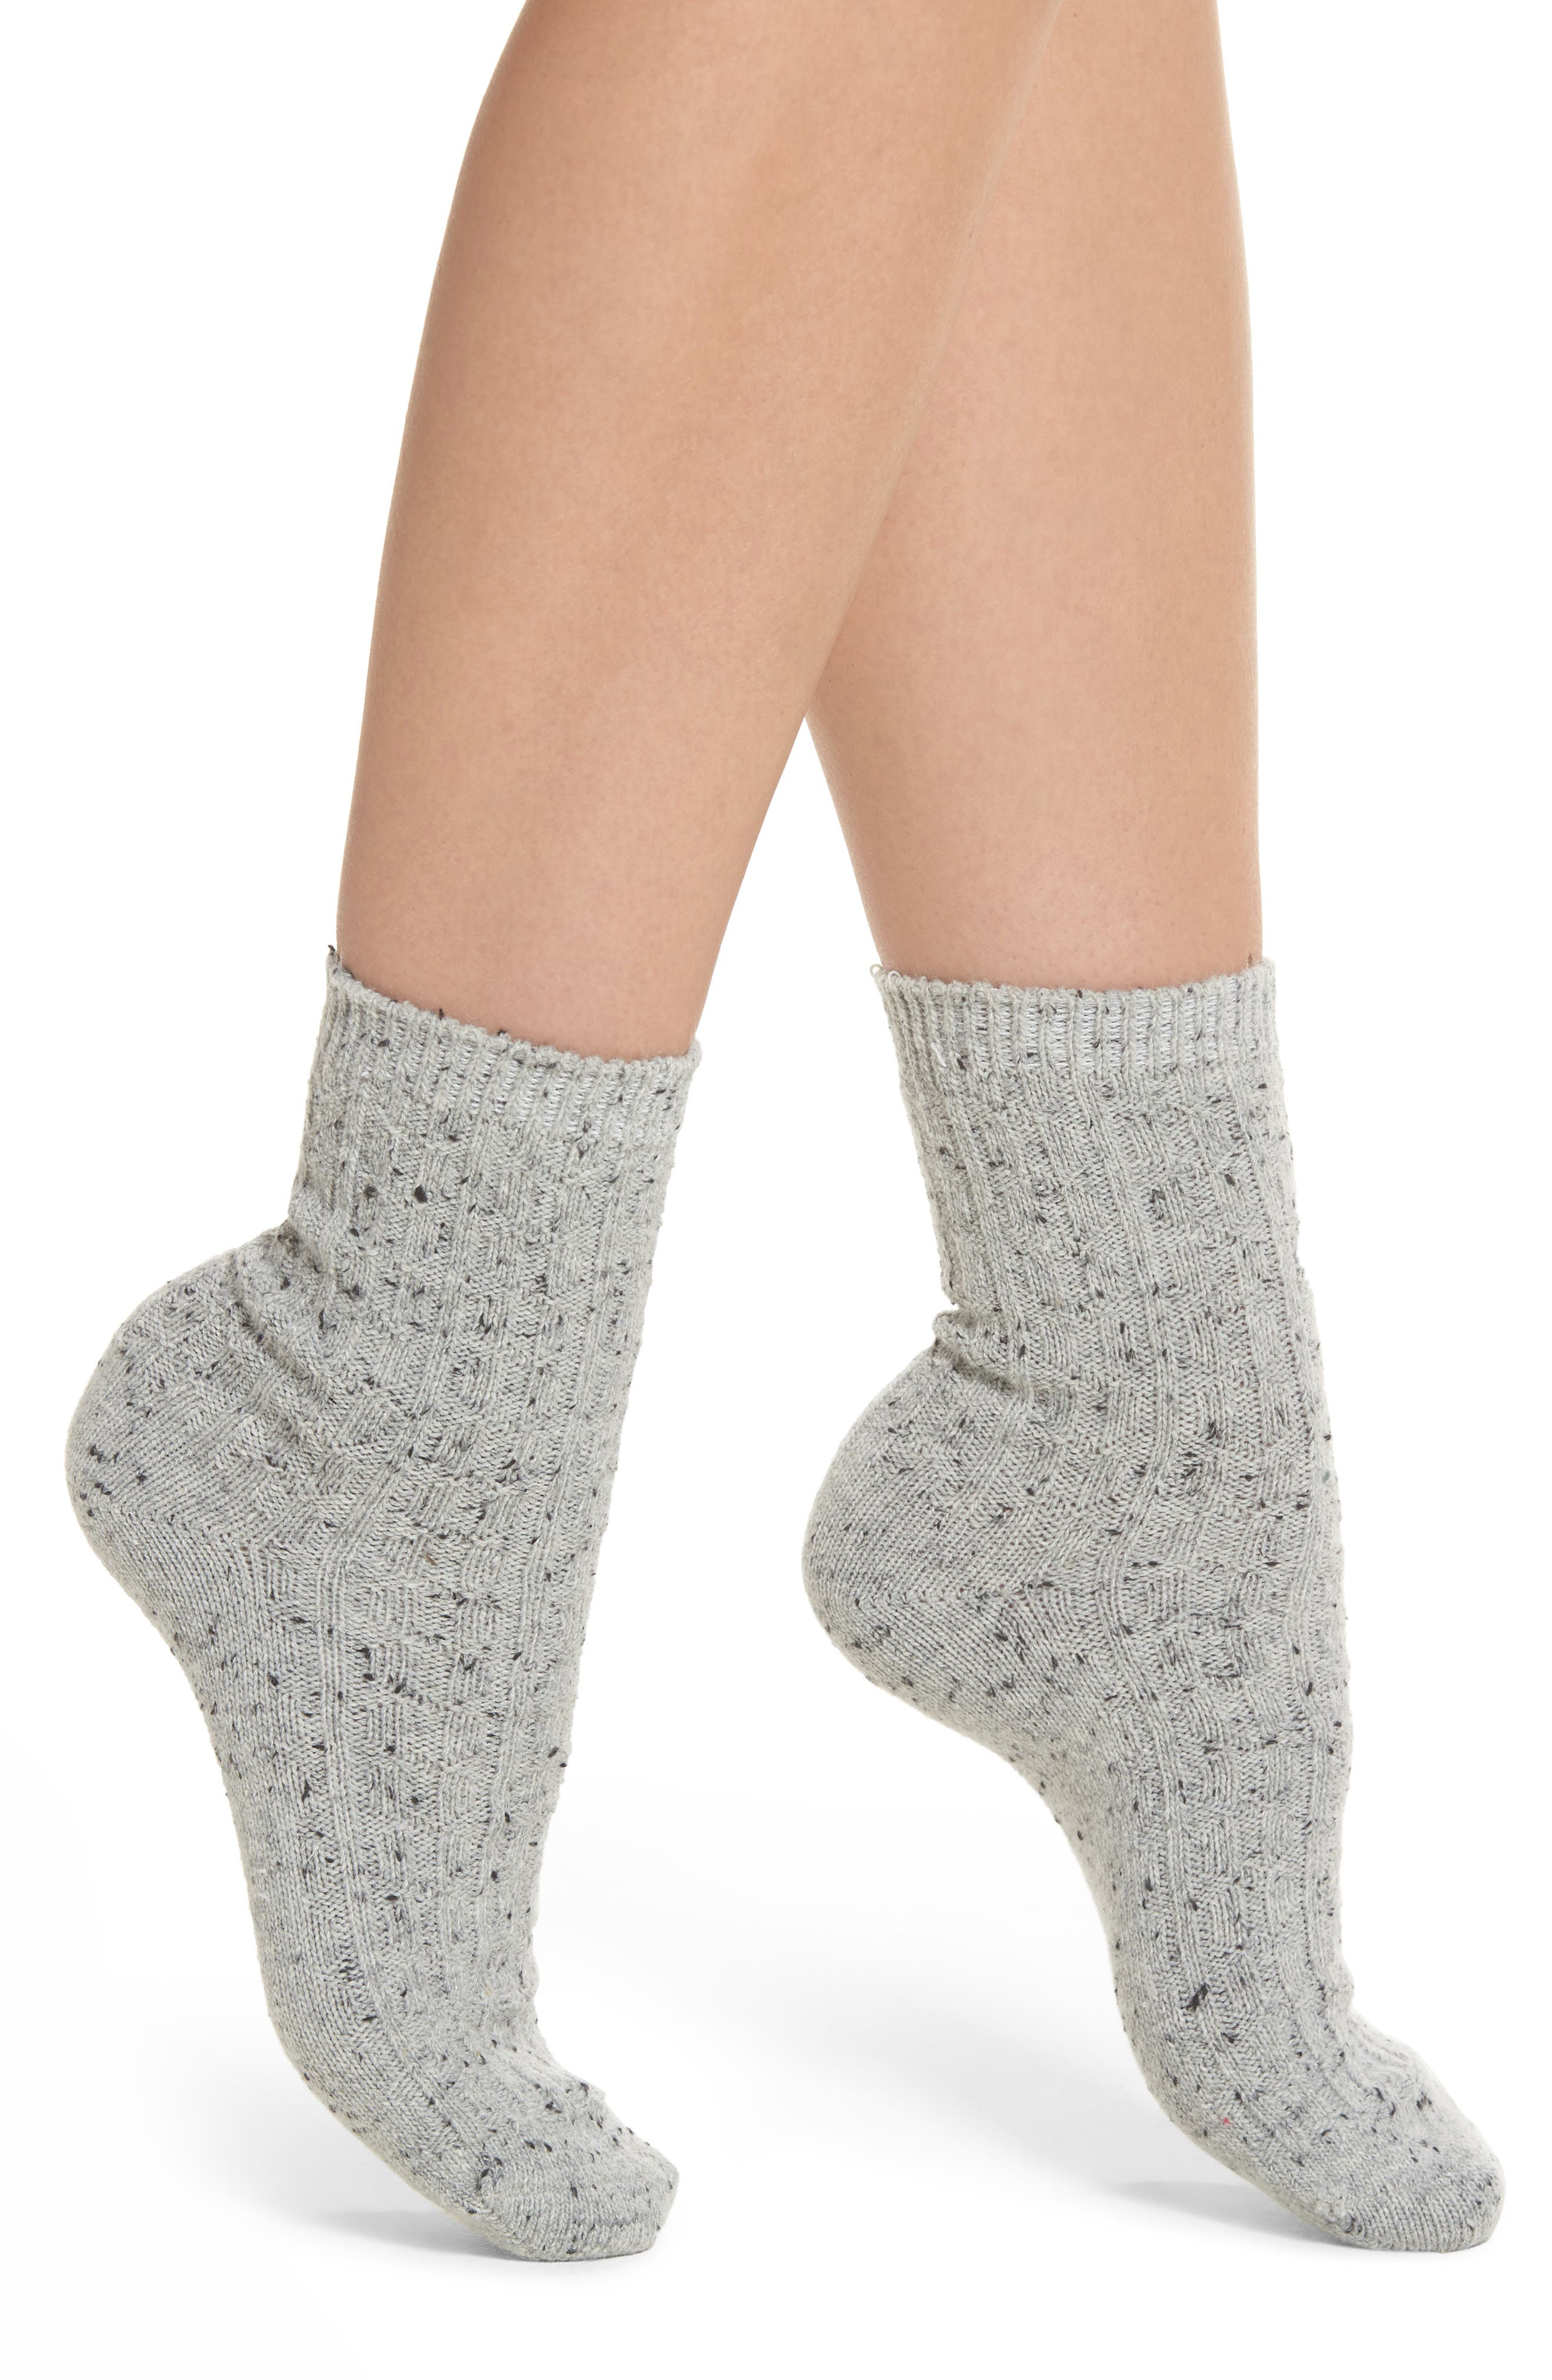 Treasure & Bond Neps Ankle Crew Socks